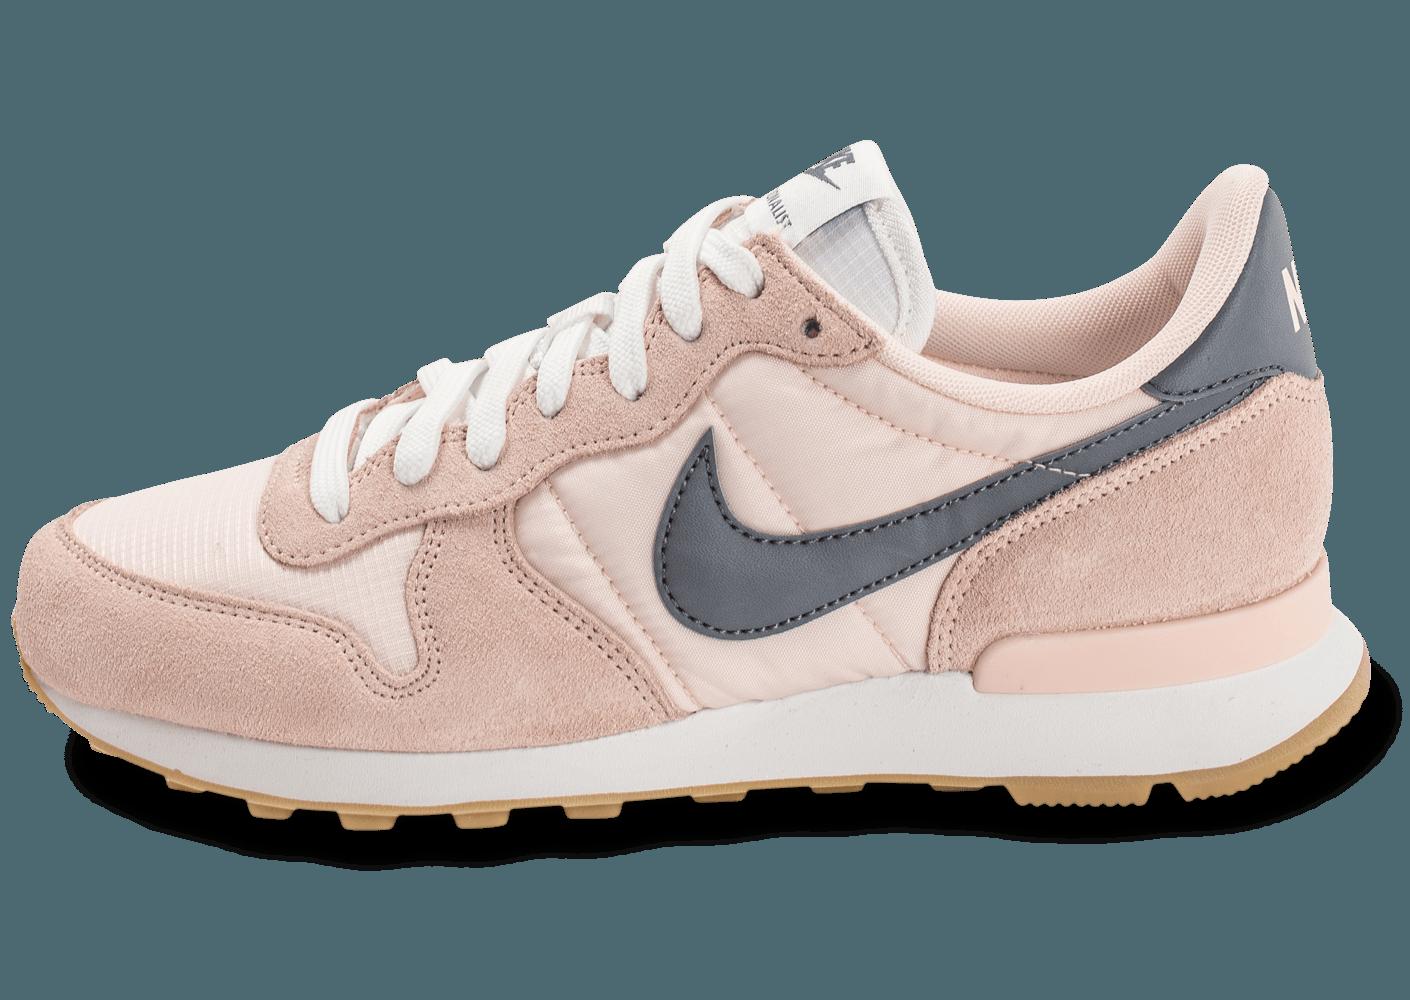 acheter nike internationalist,Acheter Nike Internationalist